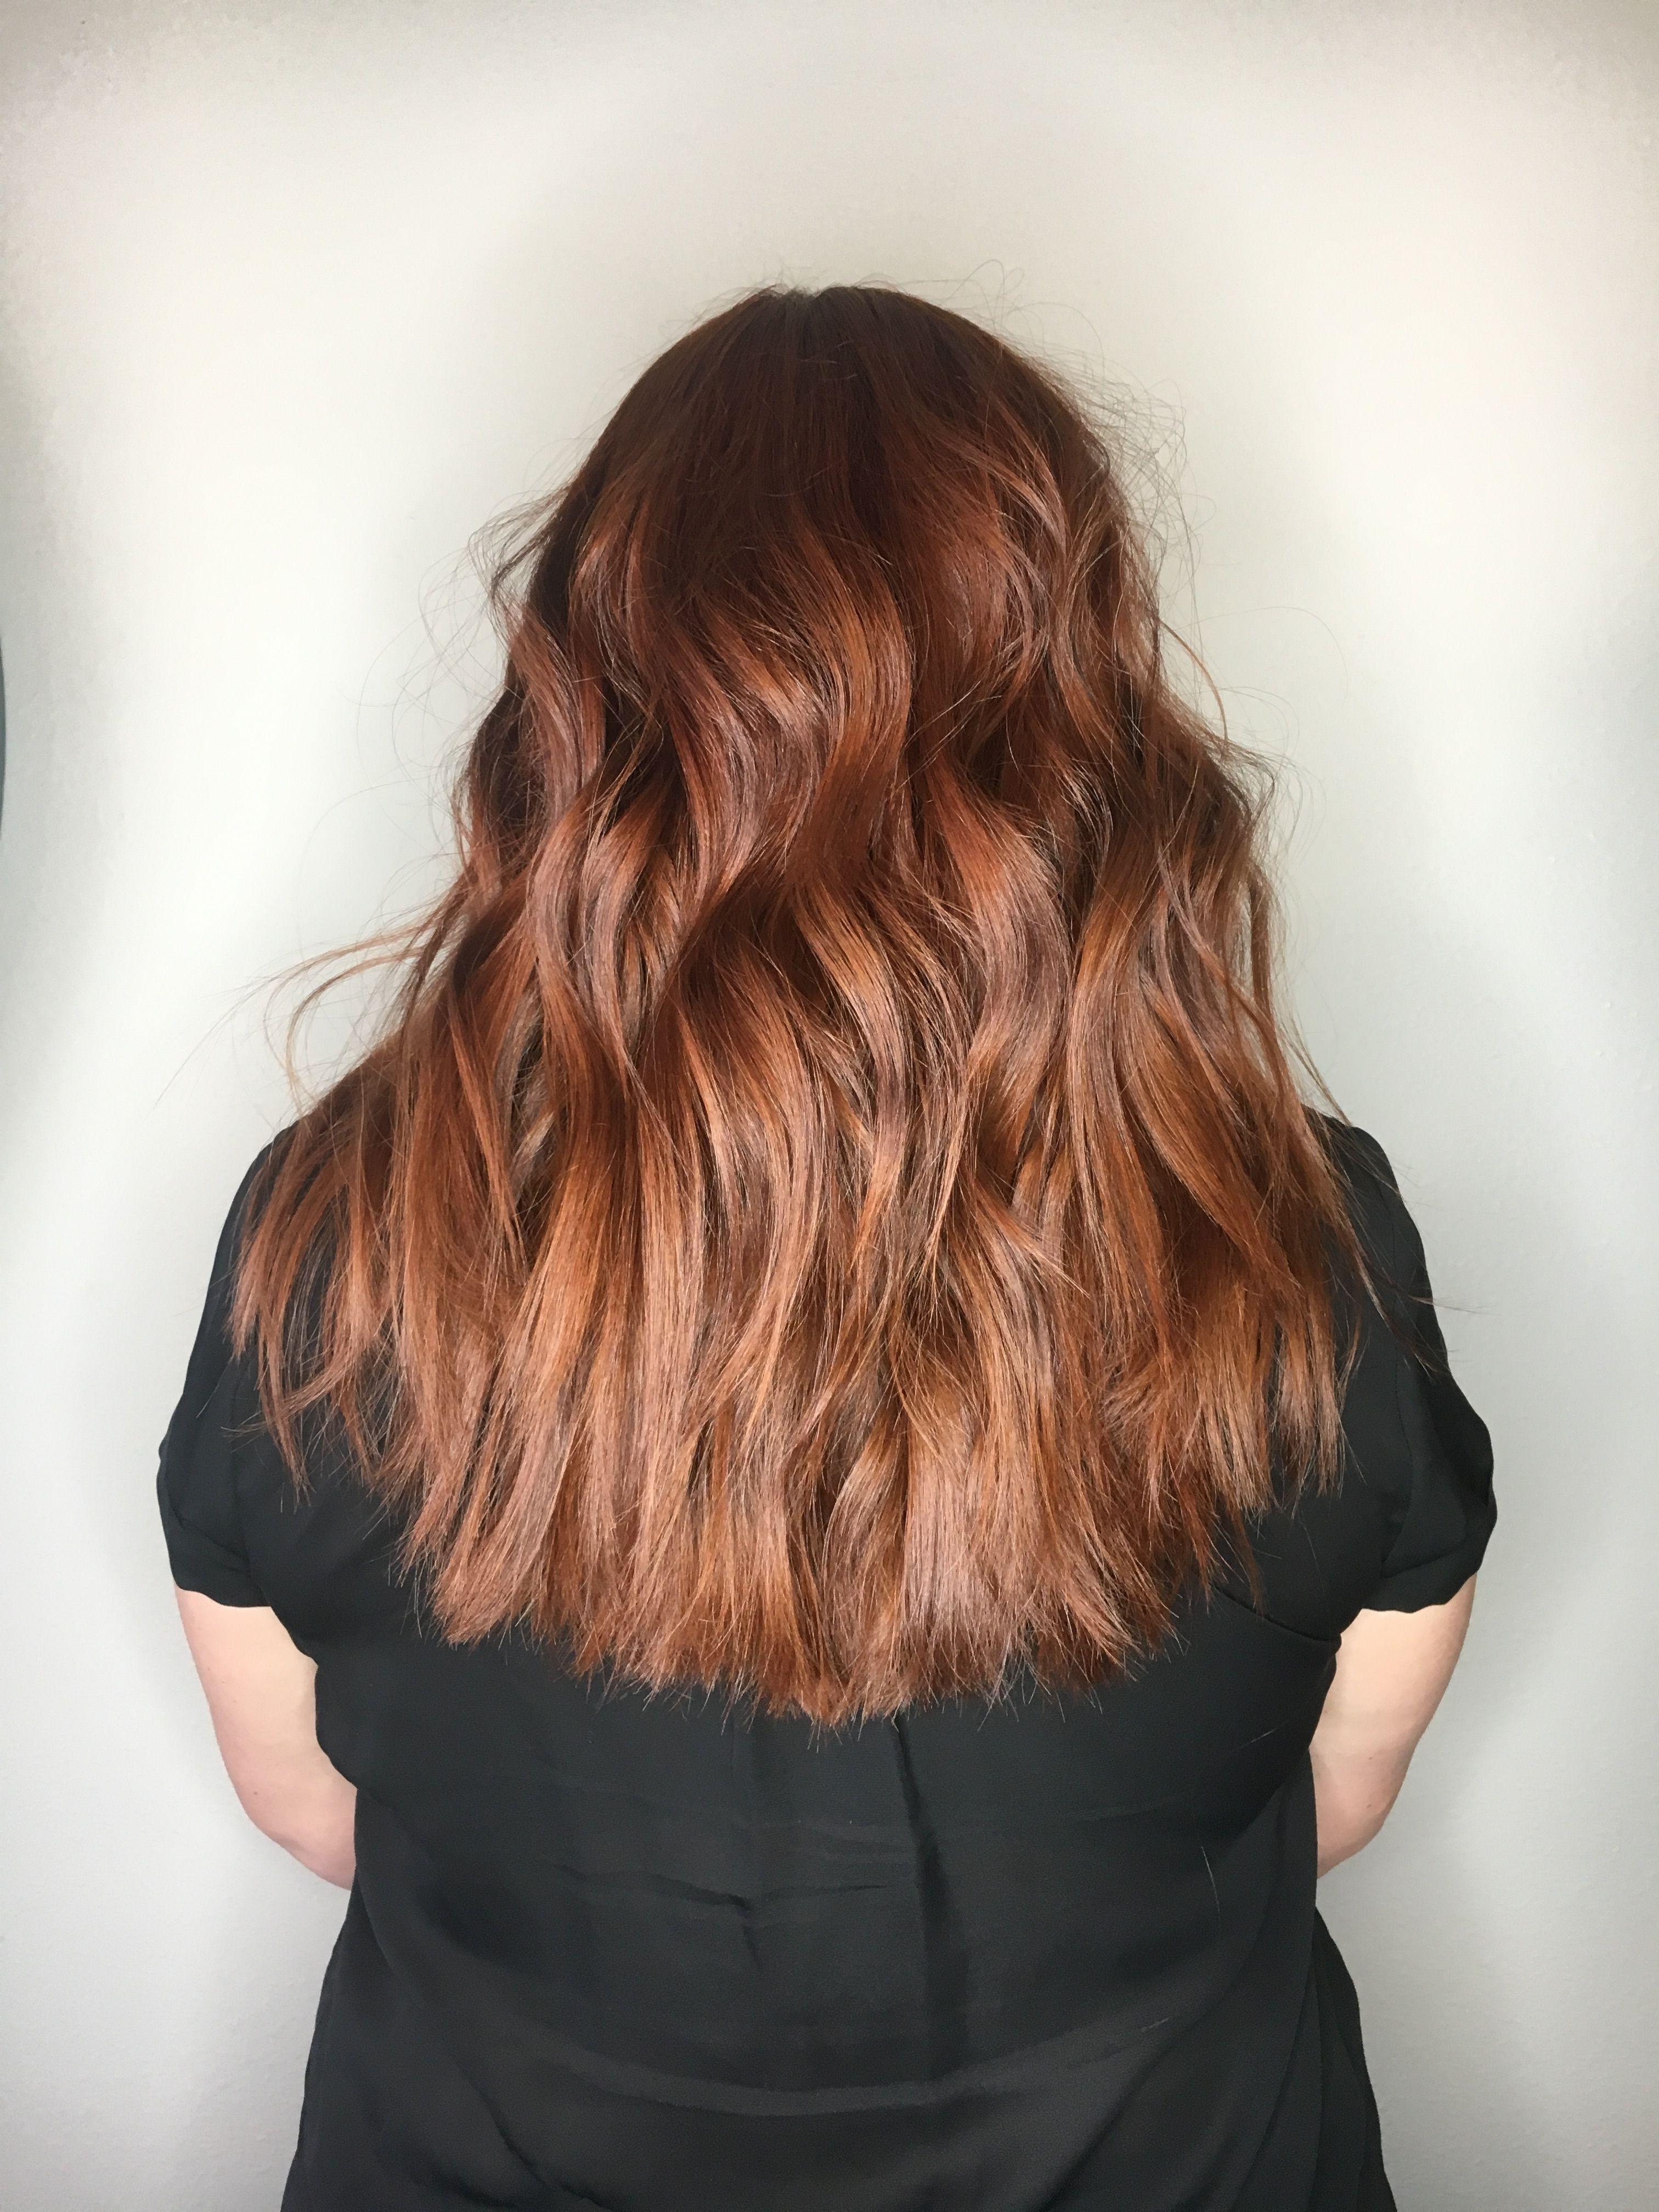 Red hair Hair color Copper hair Ginger Hair inspo Fall hair